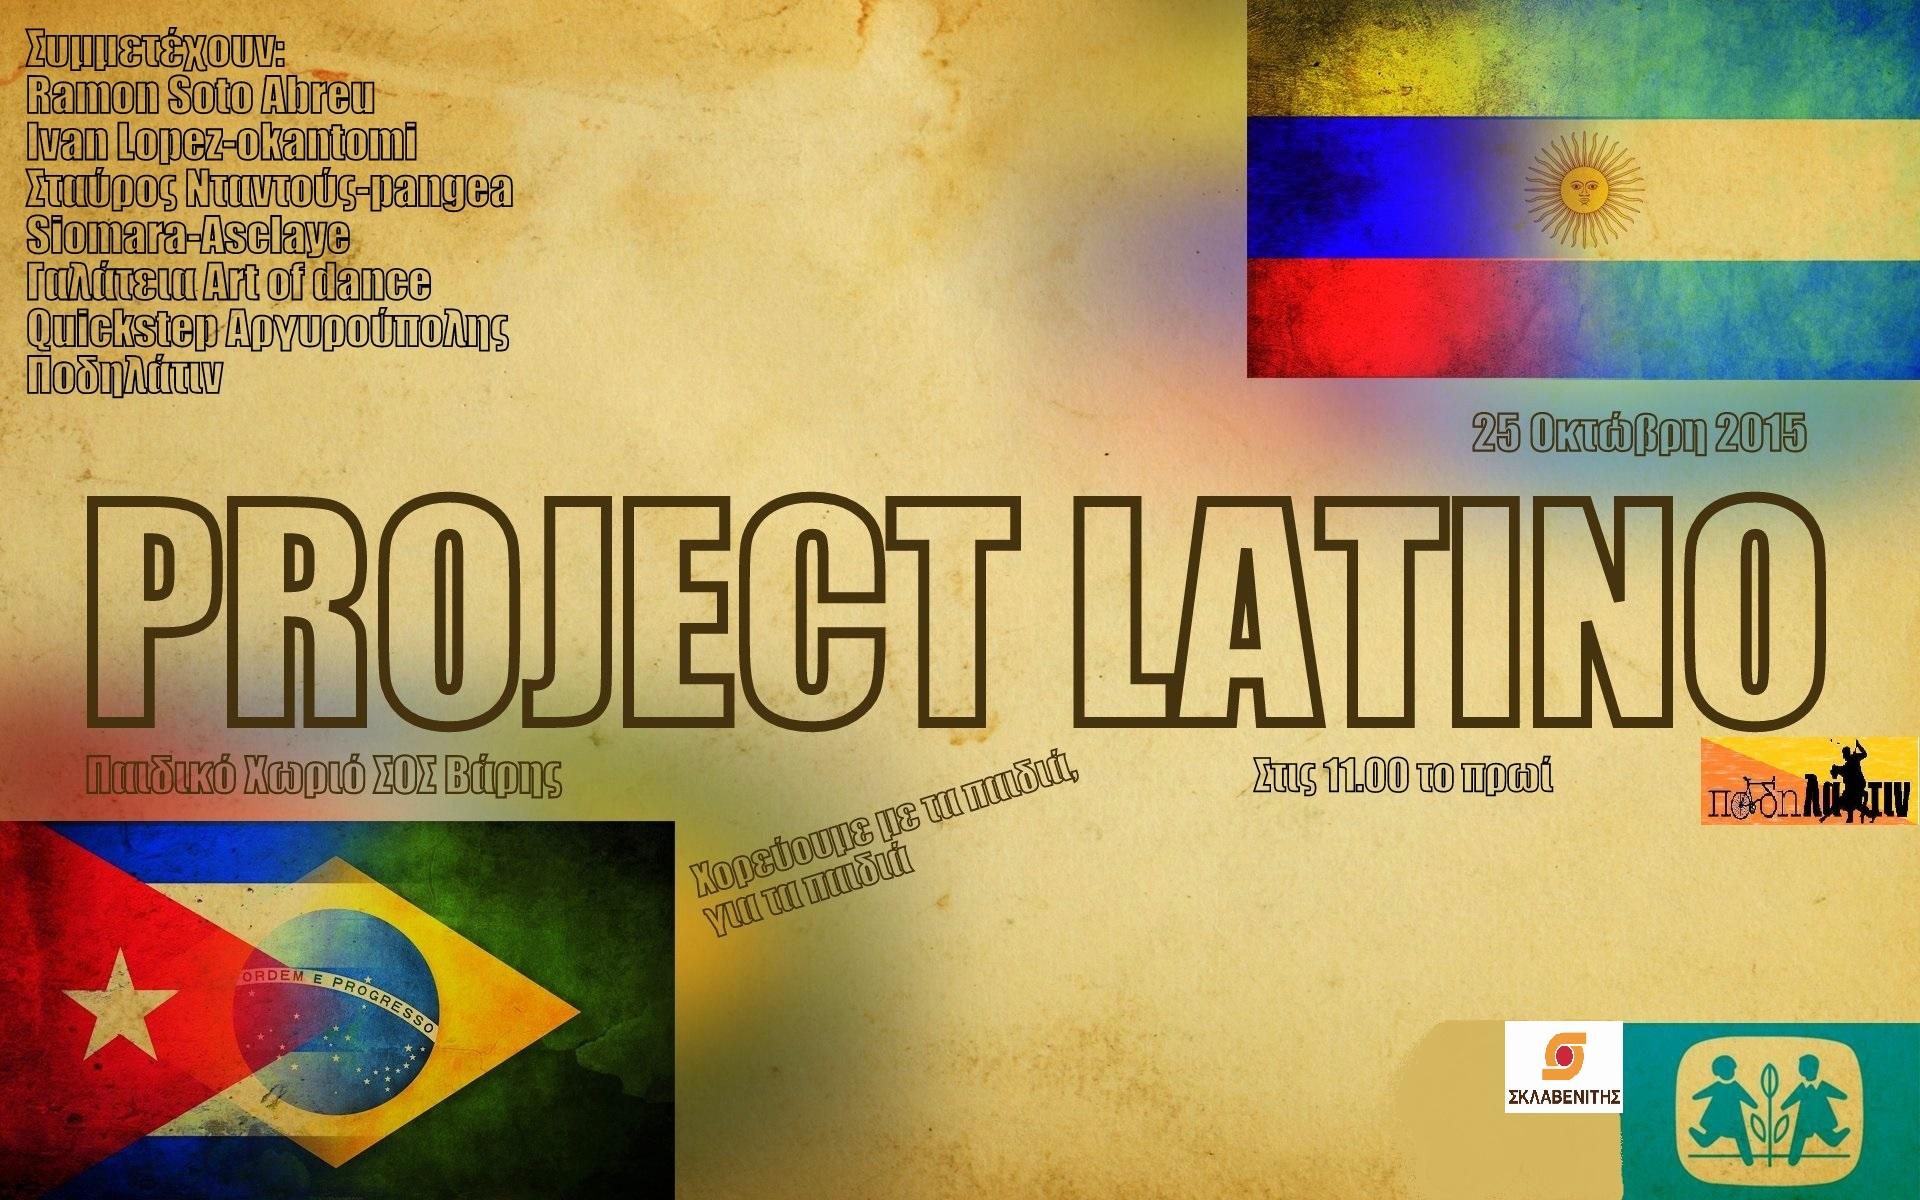 Λατινοαμερικανική μουσική για τα παιδιά του Χωριού SOS Βάρης